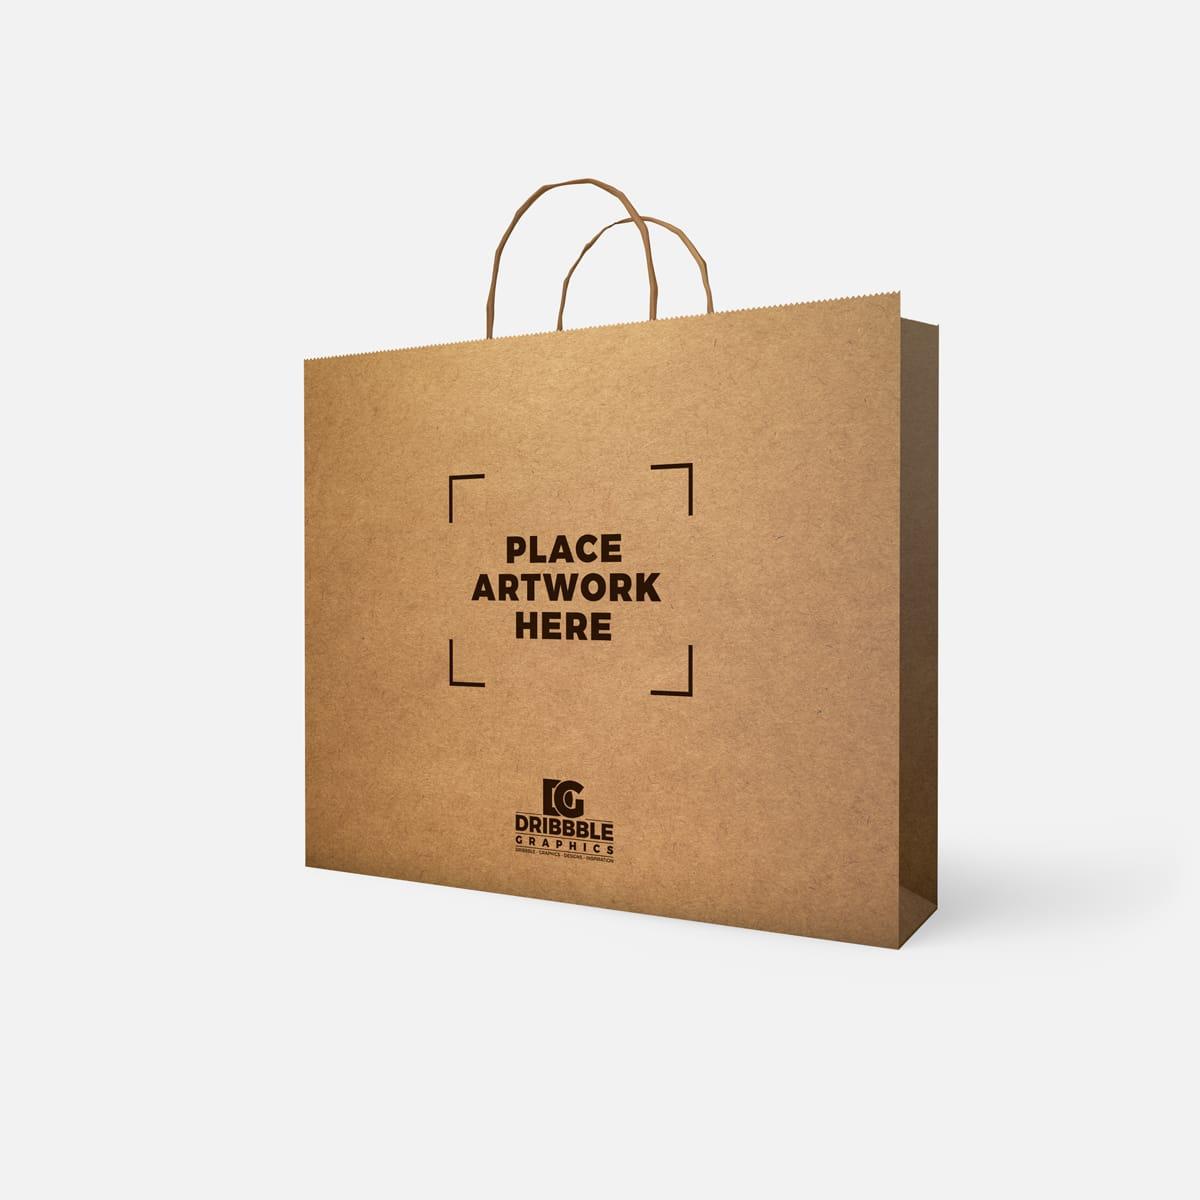 PAperbag PSD Mockup Design